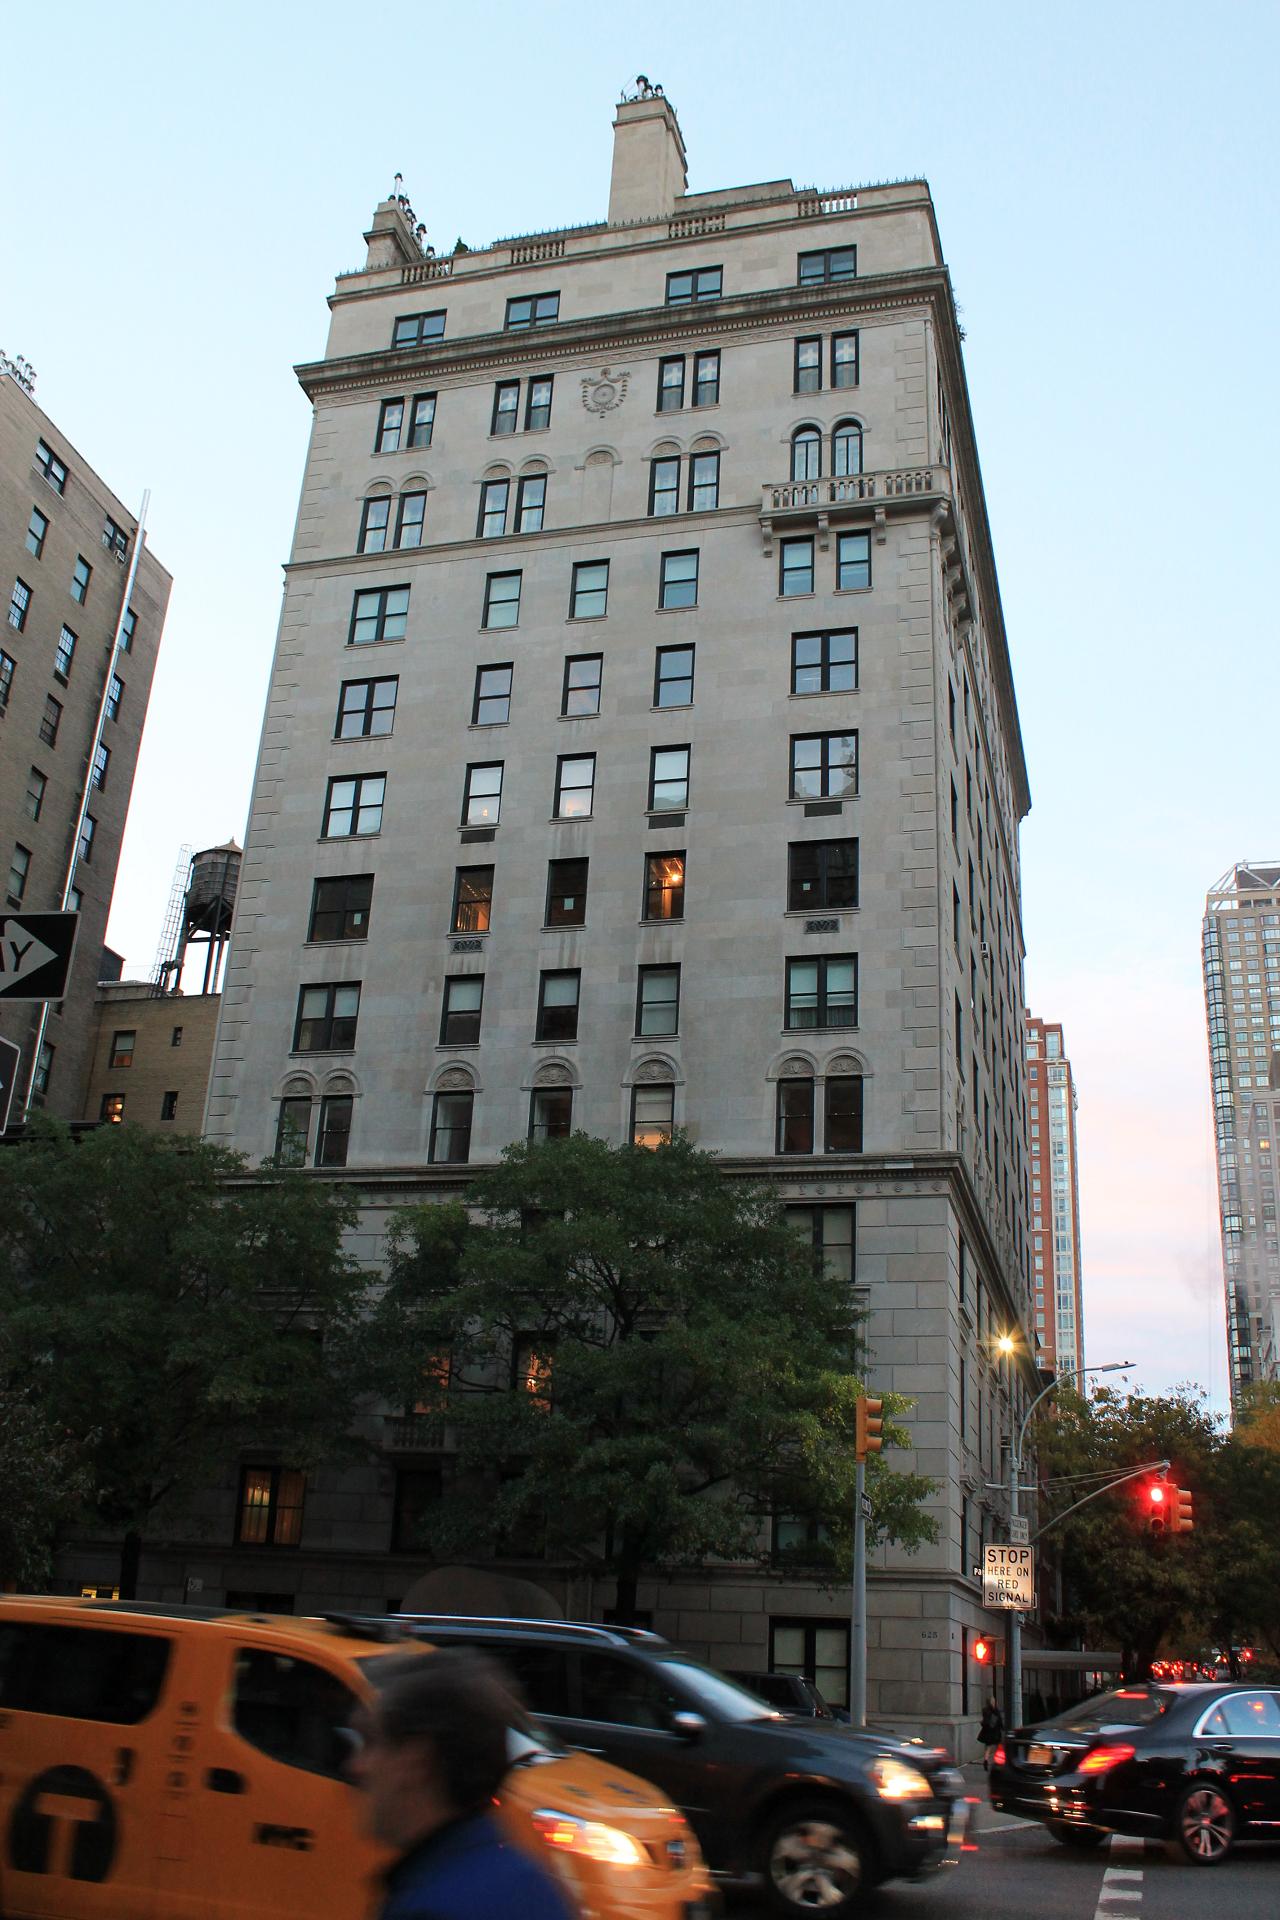 625 Park Avenue - Wikipedia